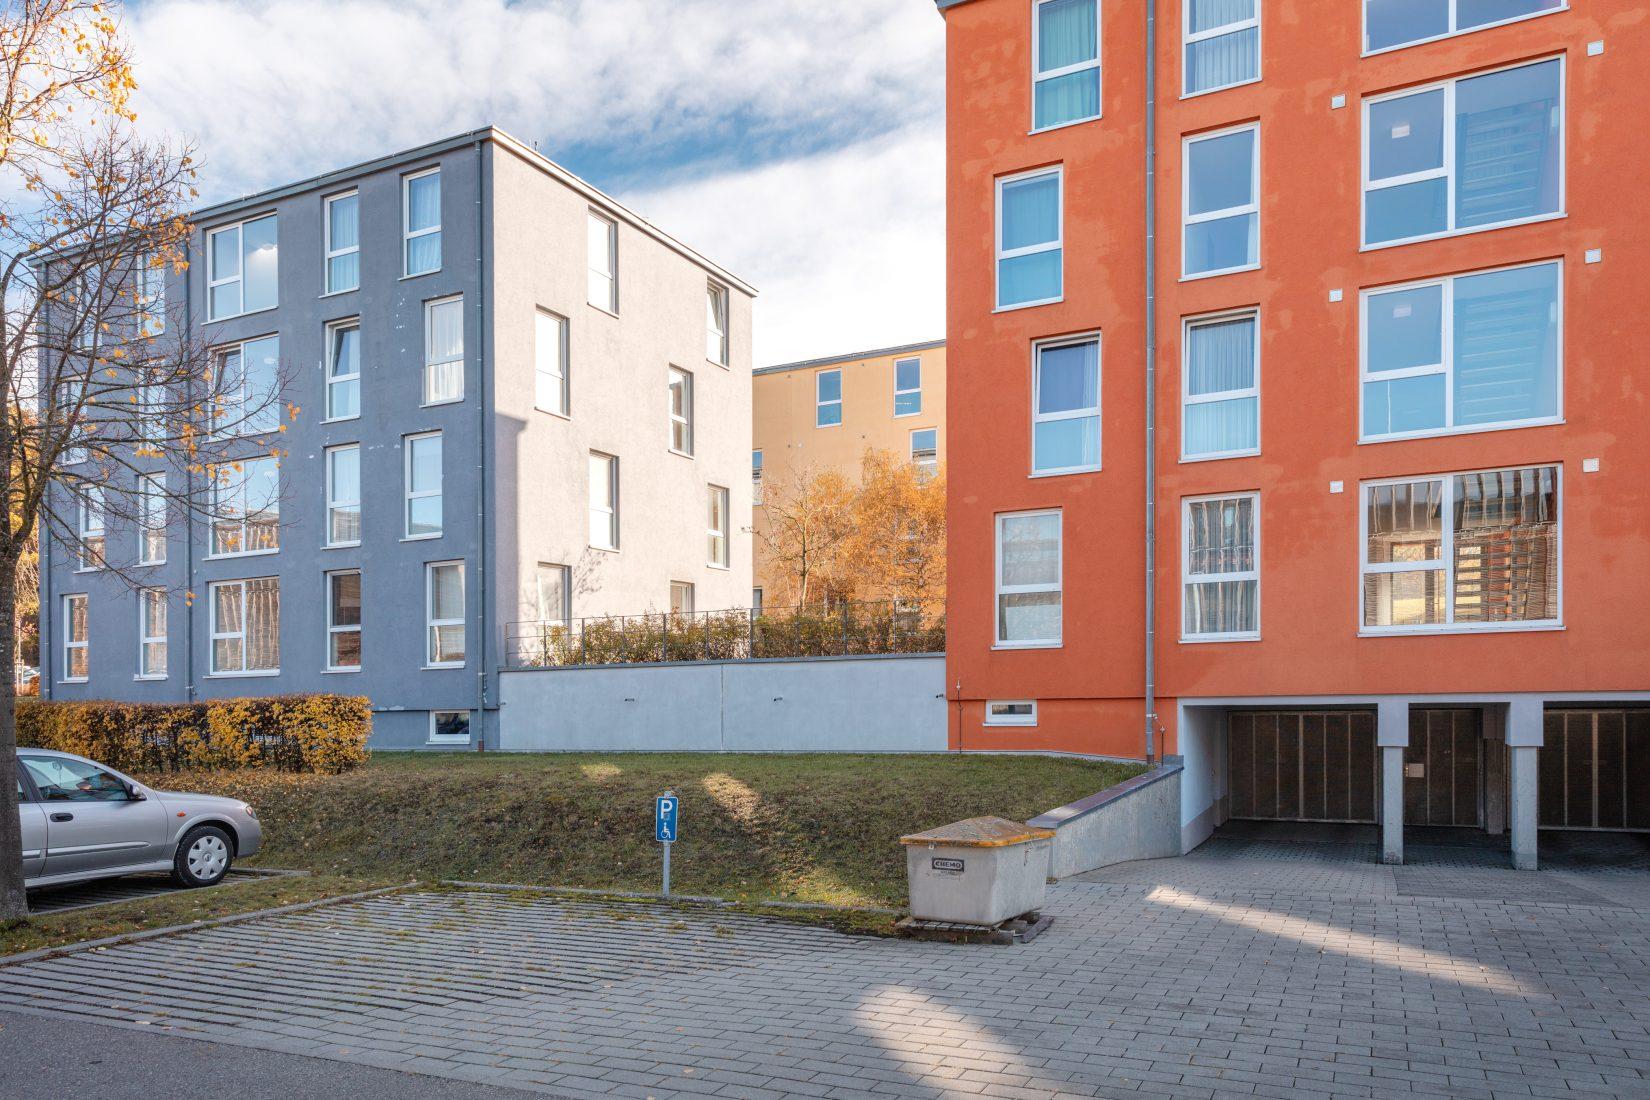 Wohnungsbau_Aalen_035